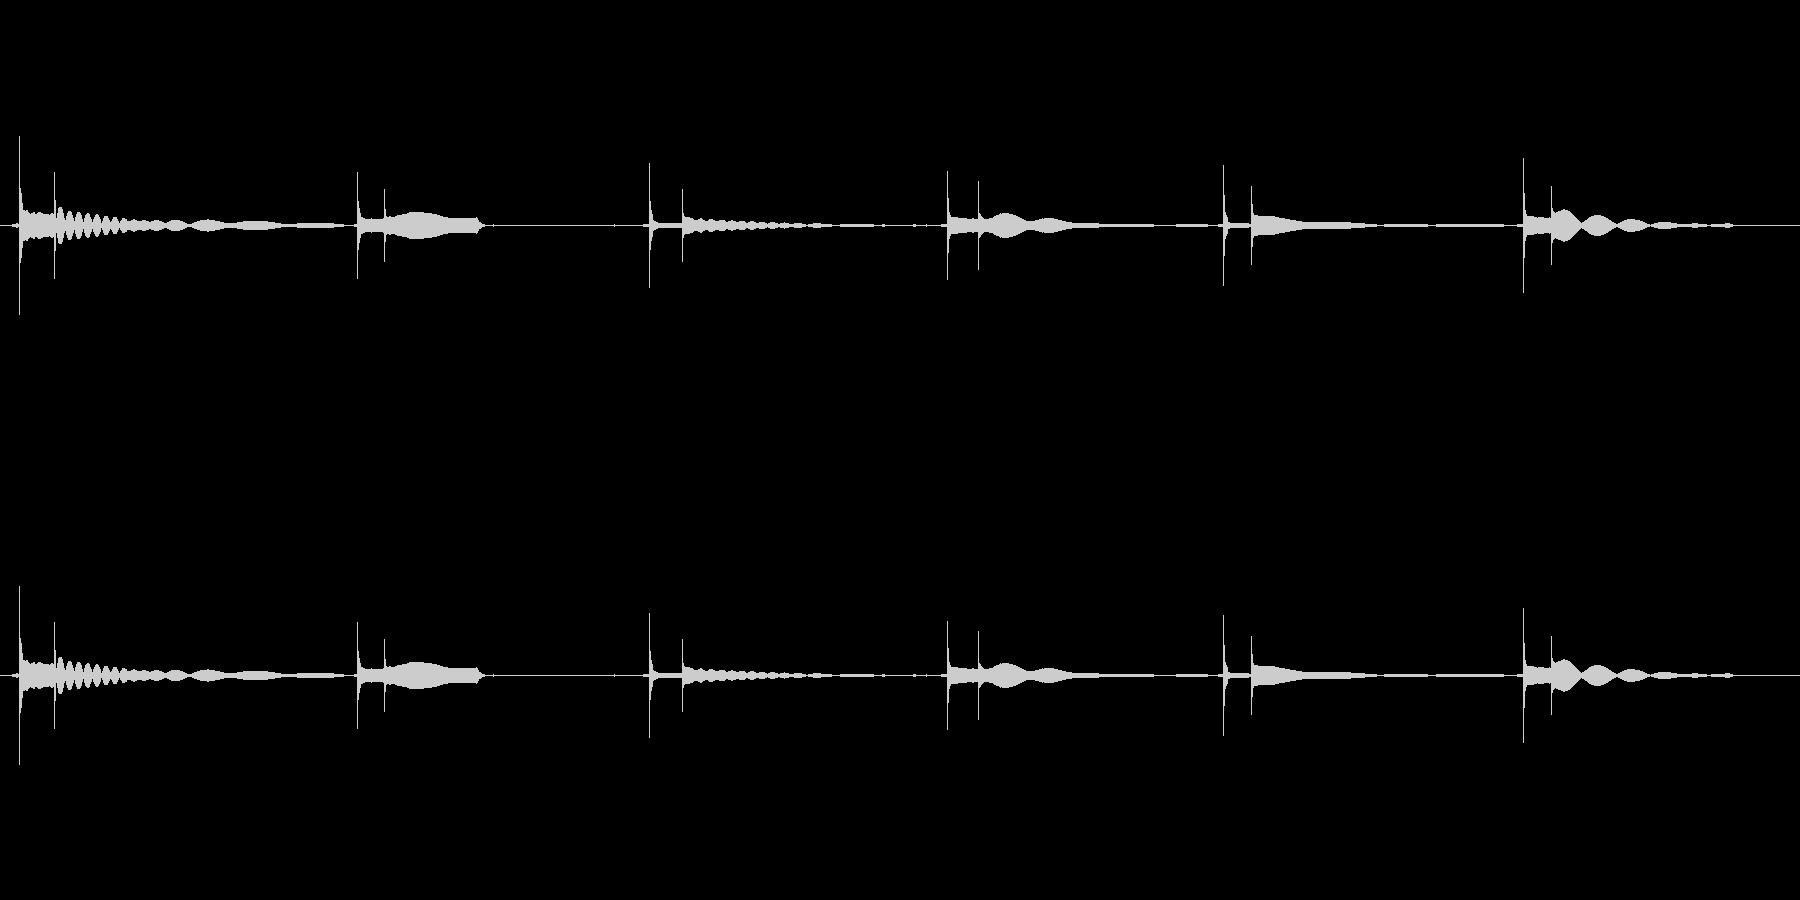 エレキギター65弦チューニングの未再生の波形